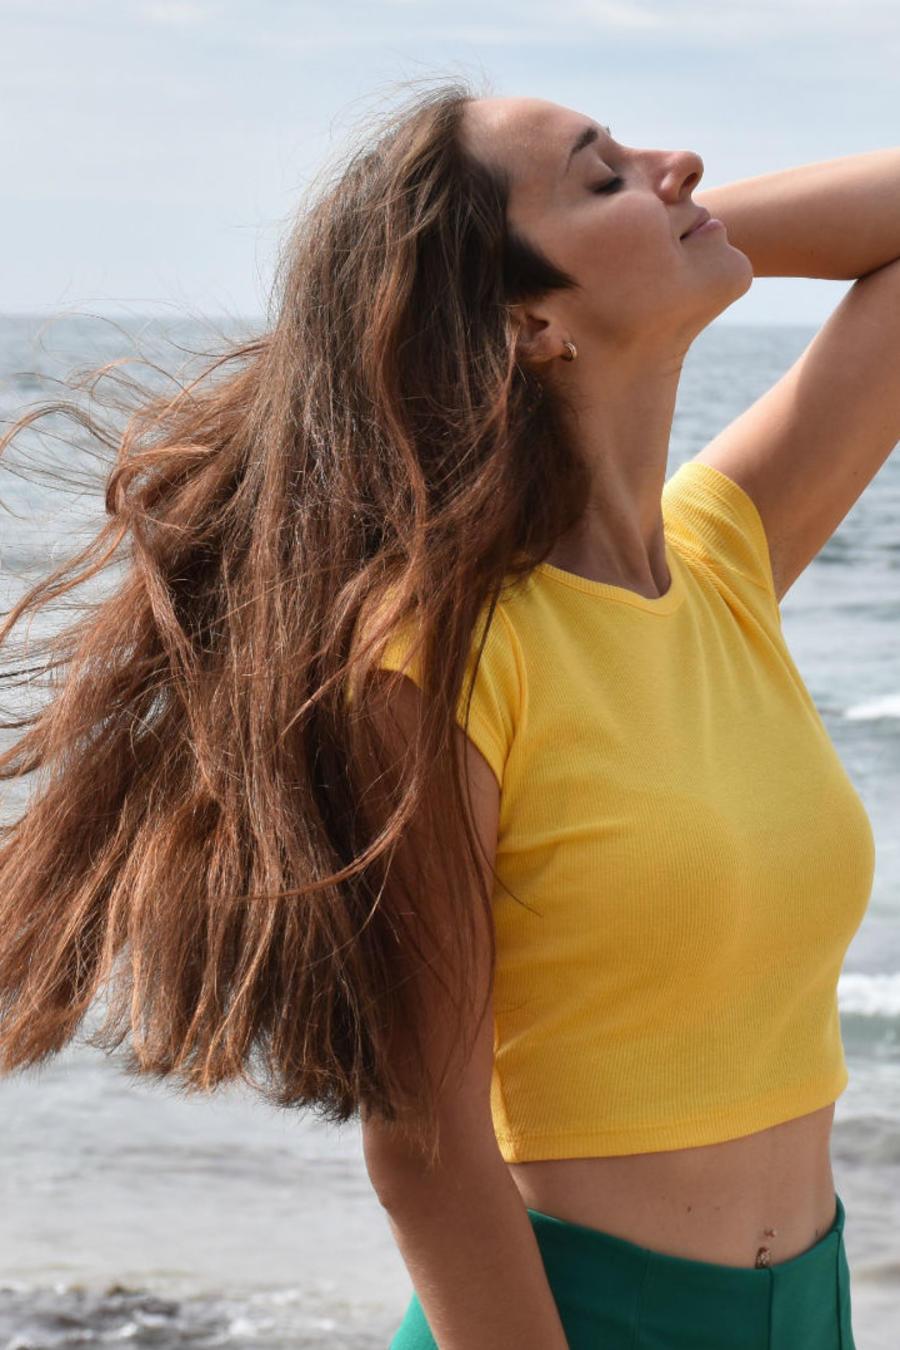 Mujer en a playa sonriendo